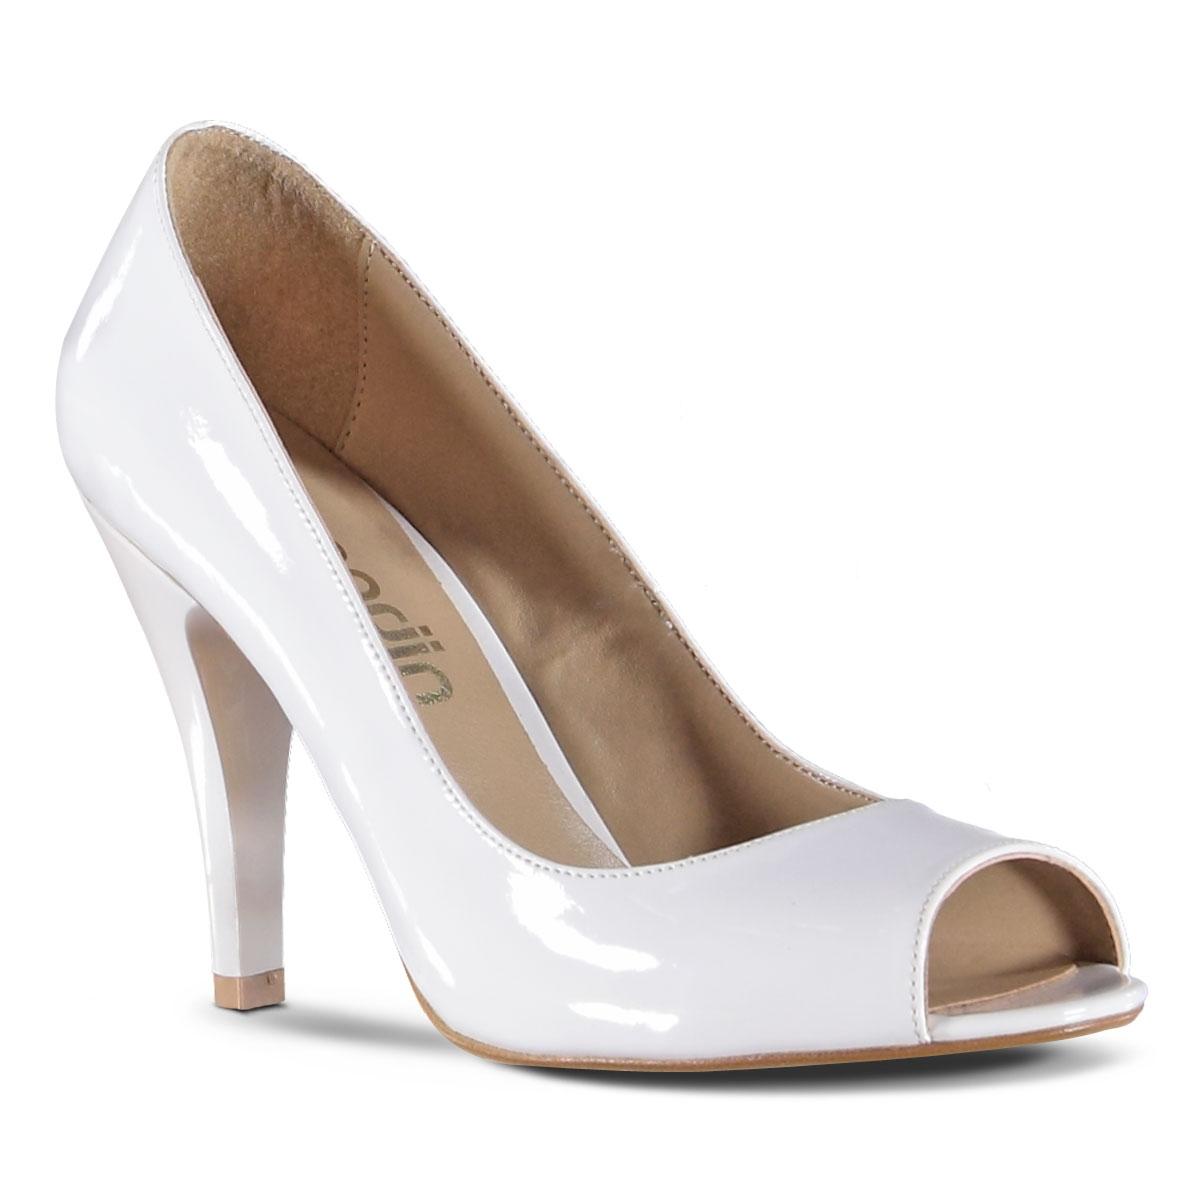 beyaz-topuklu-gelin-ayakkabi-modelleri-5